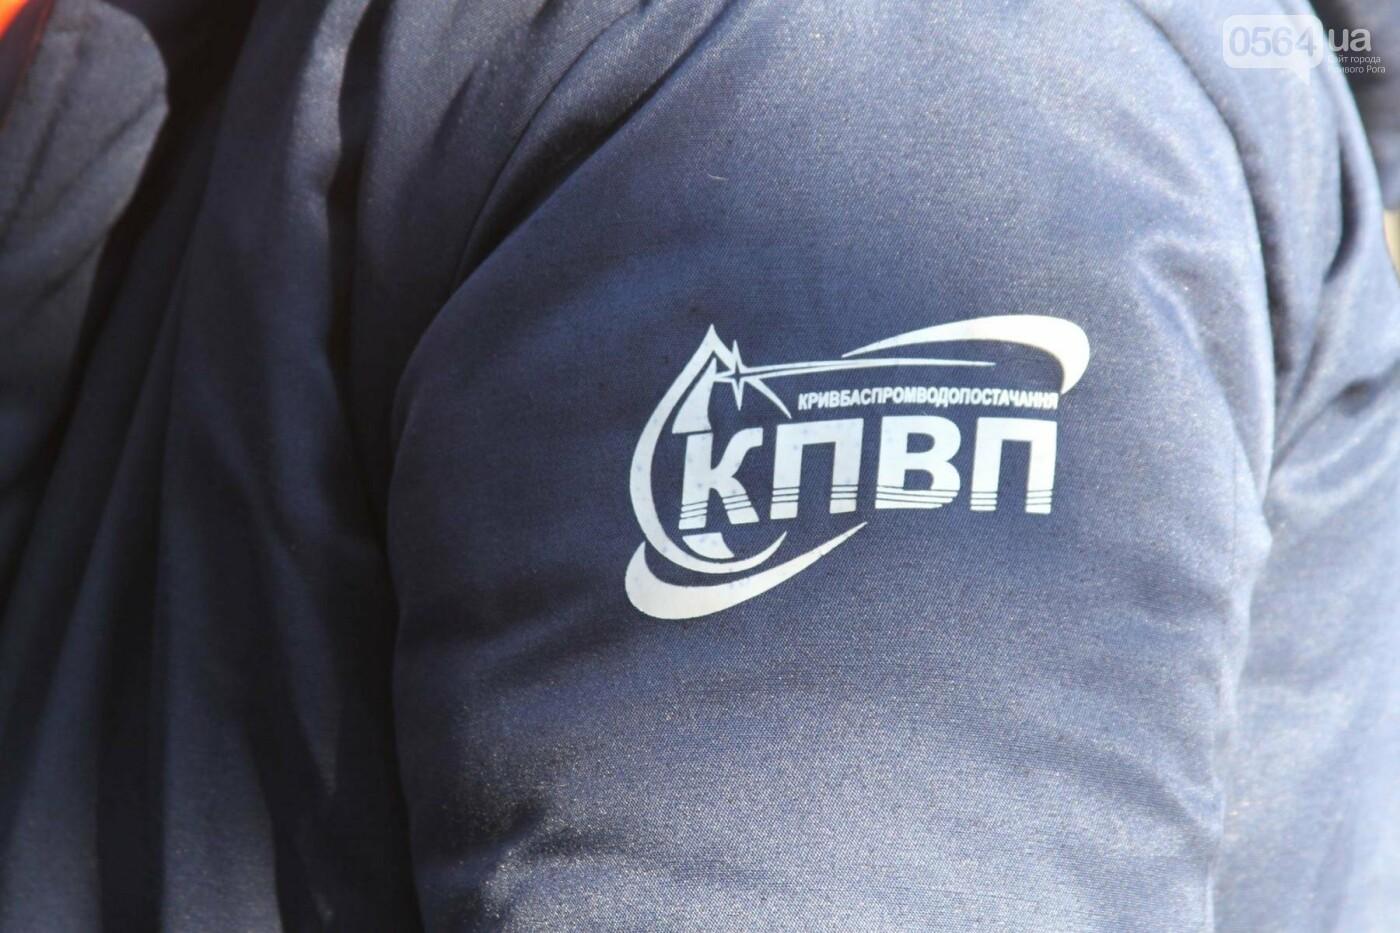 В Кривом Роге сотрудники КПВС митингуют, опасаясь, что город останется без воды  (ФОТО, ВИДЕО), фото-18